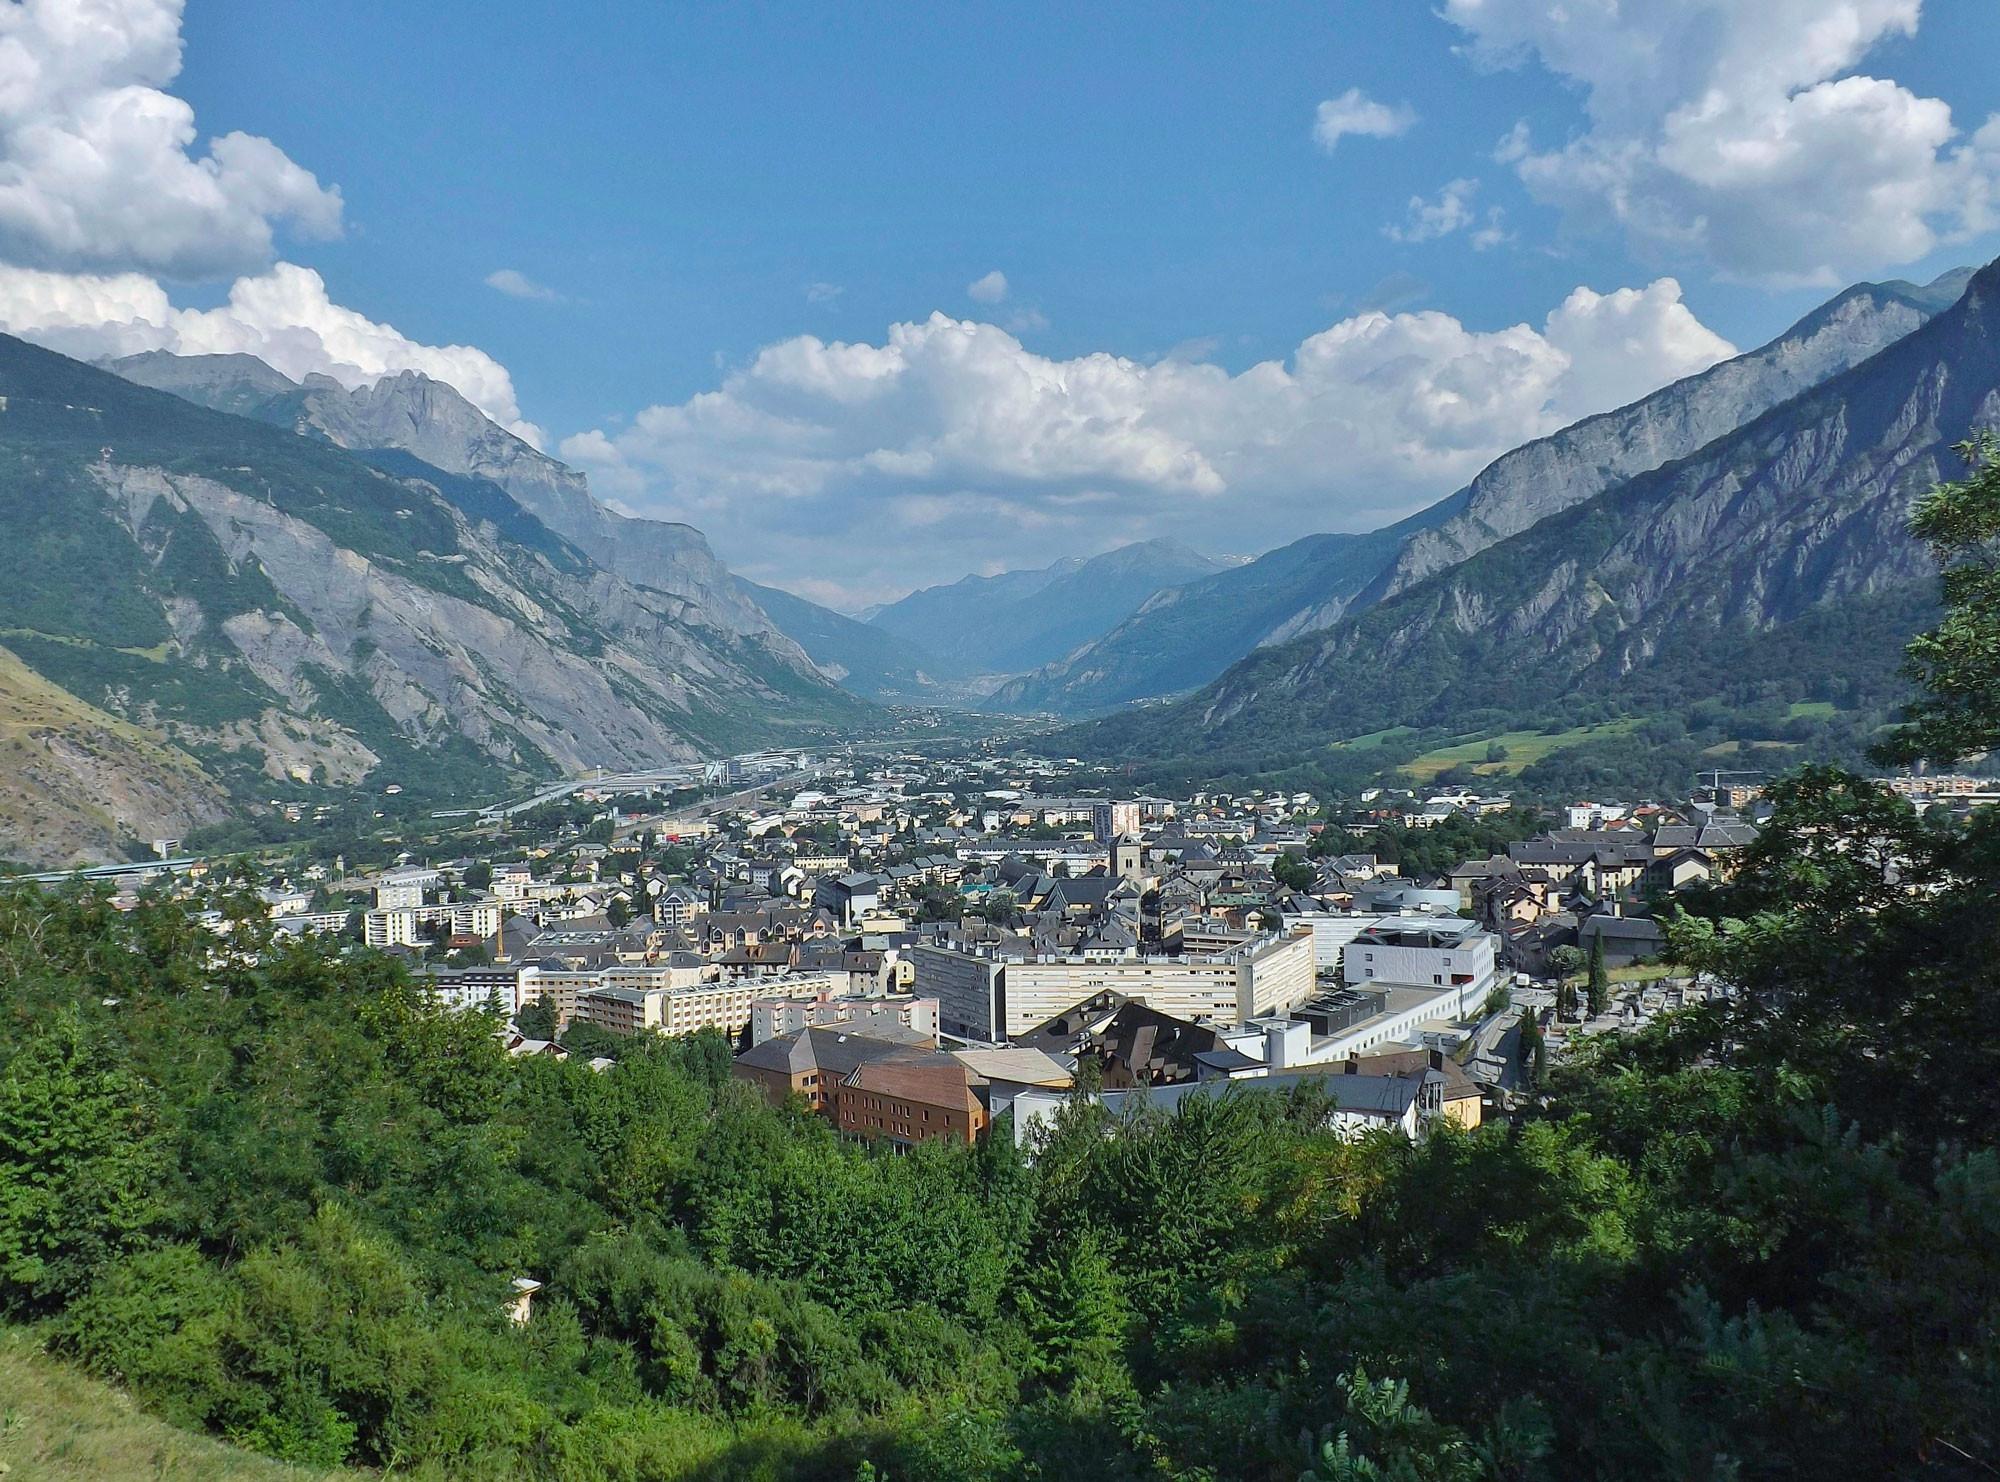 Fietsweek 2021 in st Jean de Maurienne